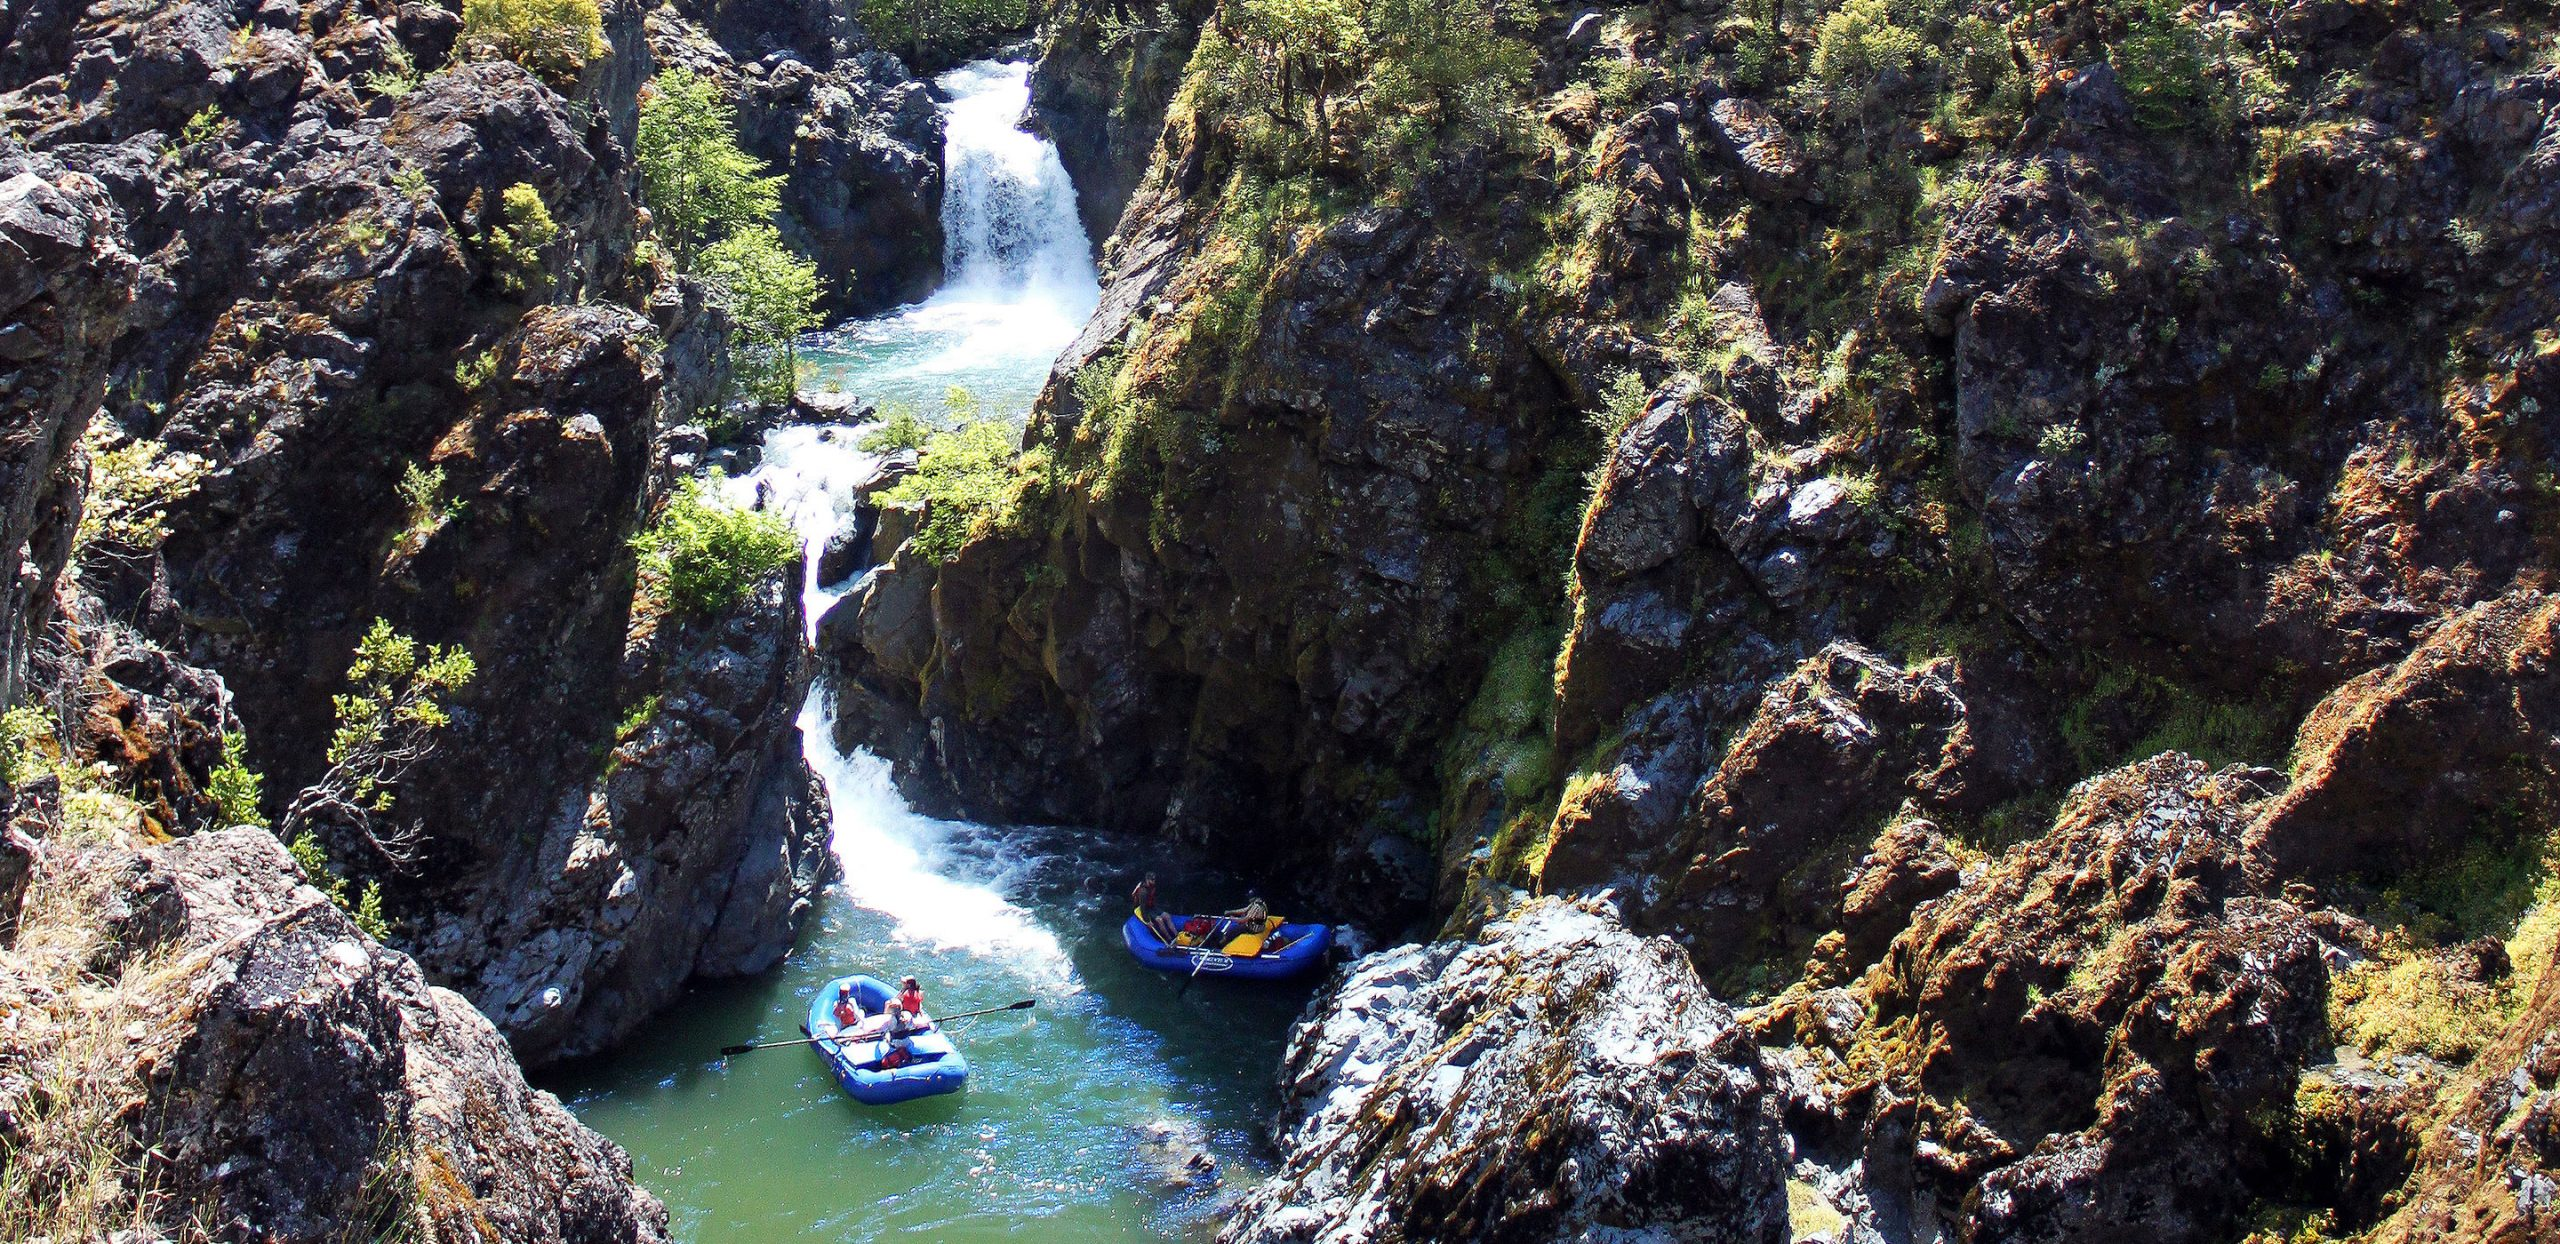 Rogue River Rafting - Oregon - Stair Creek Falls